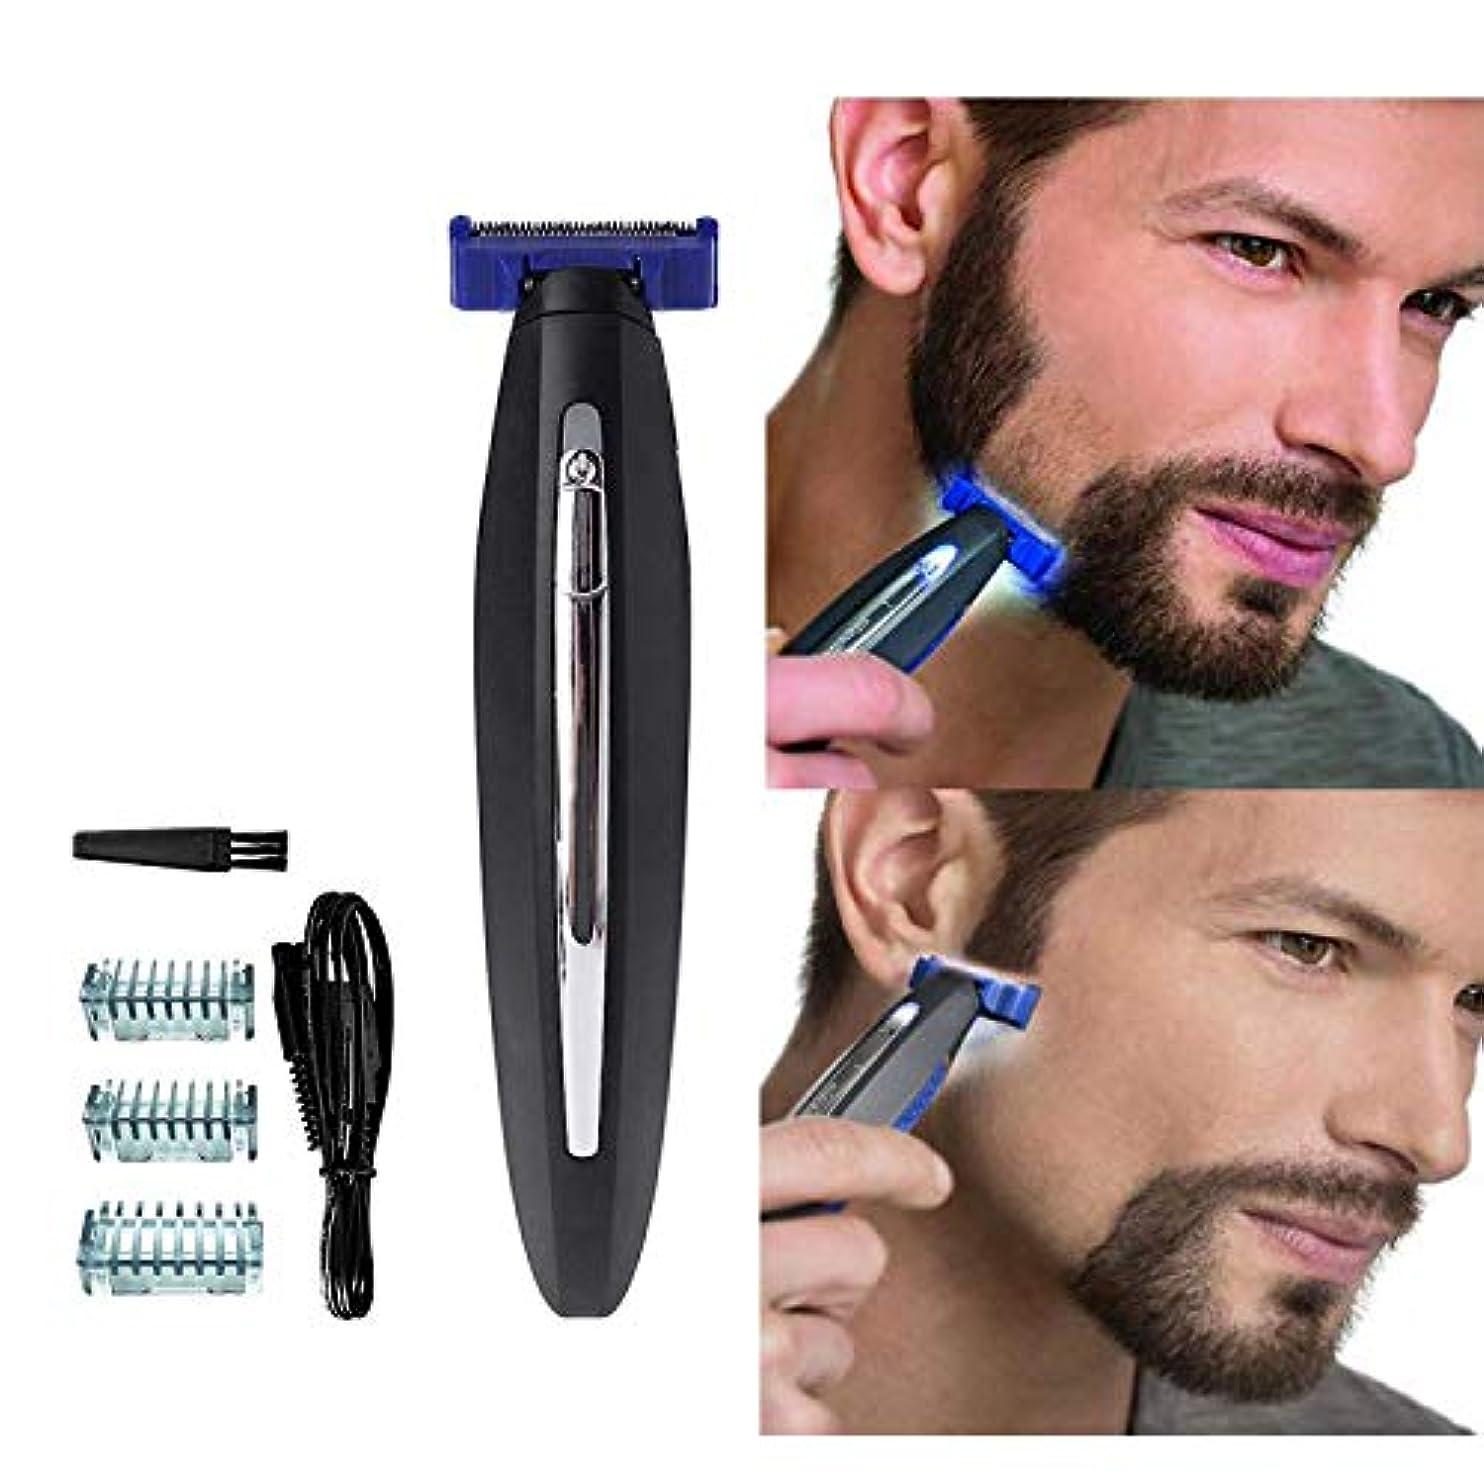 ロードハウス資料スープ男性のための電気かみそり、髪のクリーニングシェーバートリマーと防水スマートかみそり、男性のための眉毛のひげのフェイシャルとボディヘアーのための毛の除去剤, black